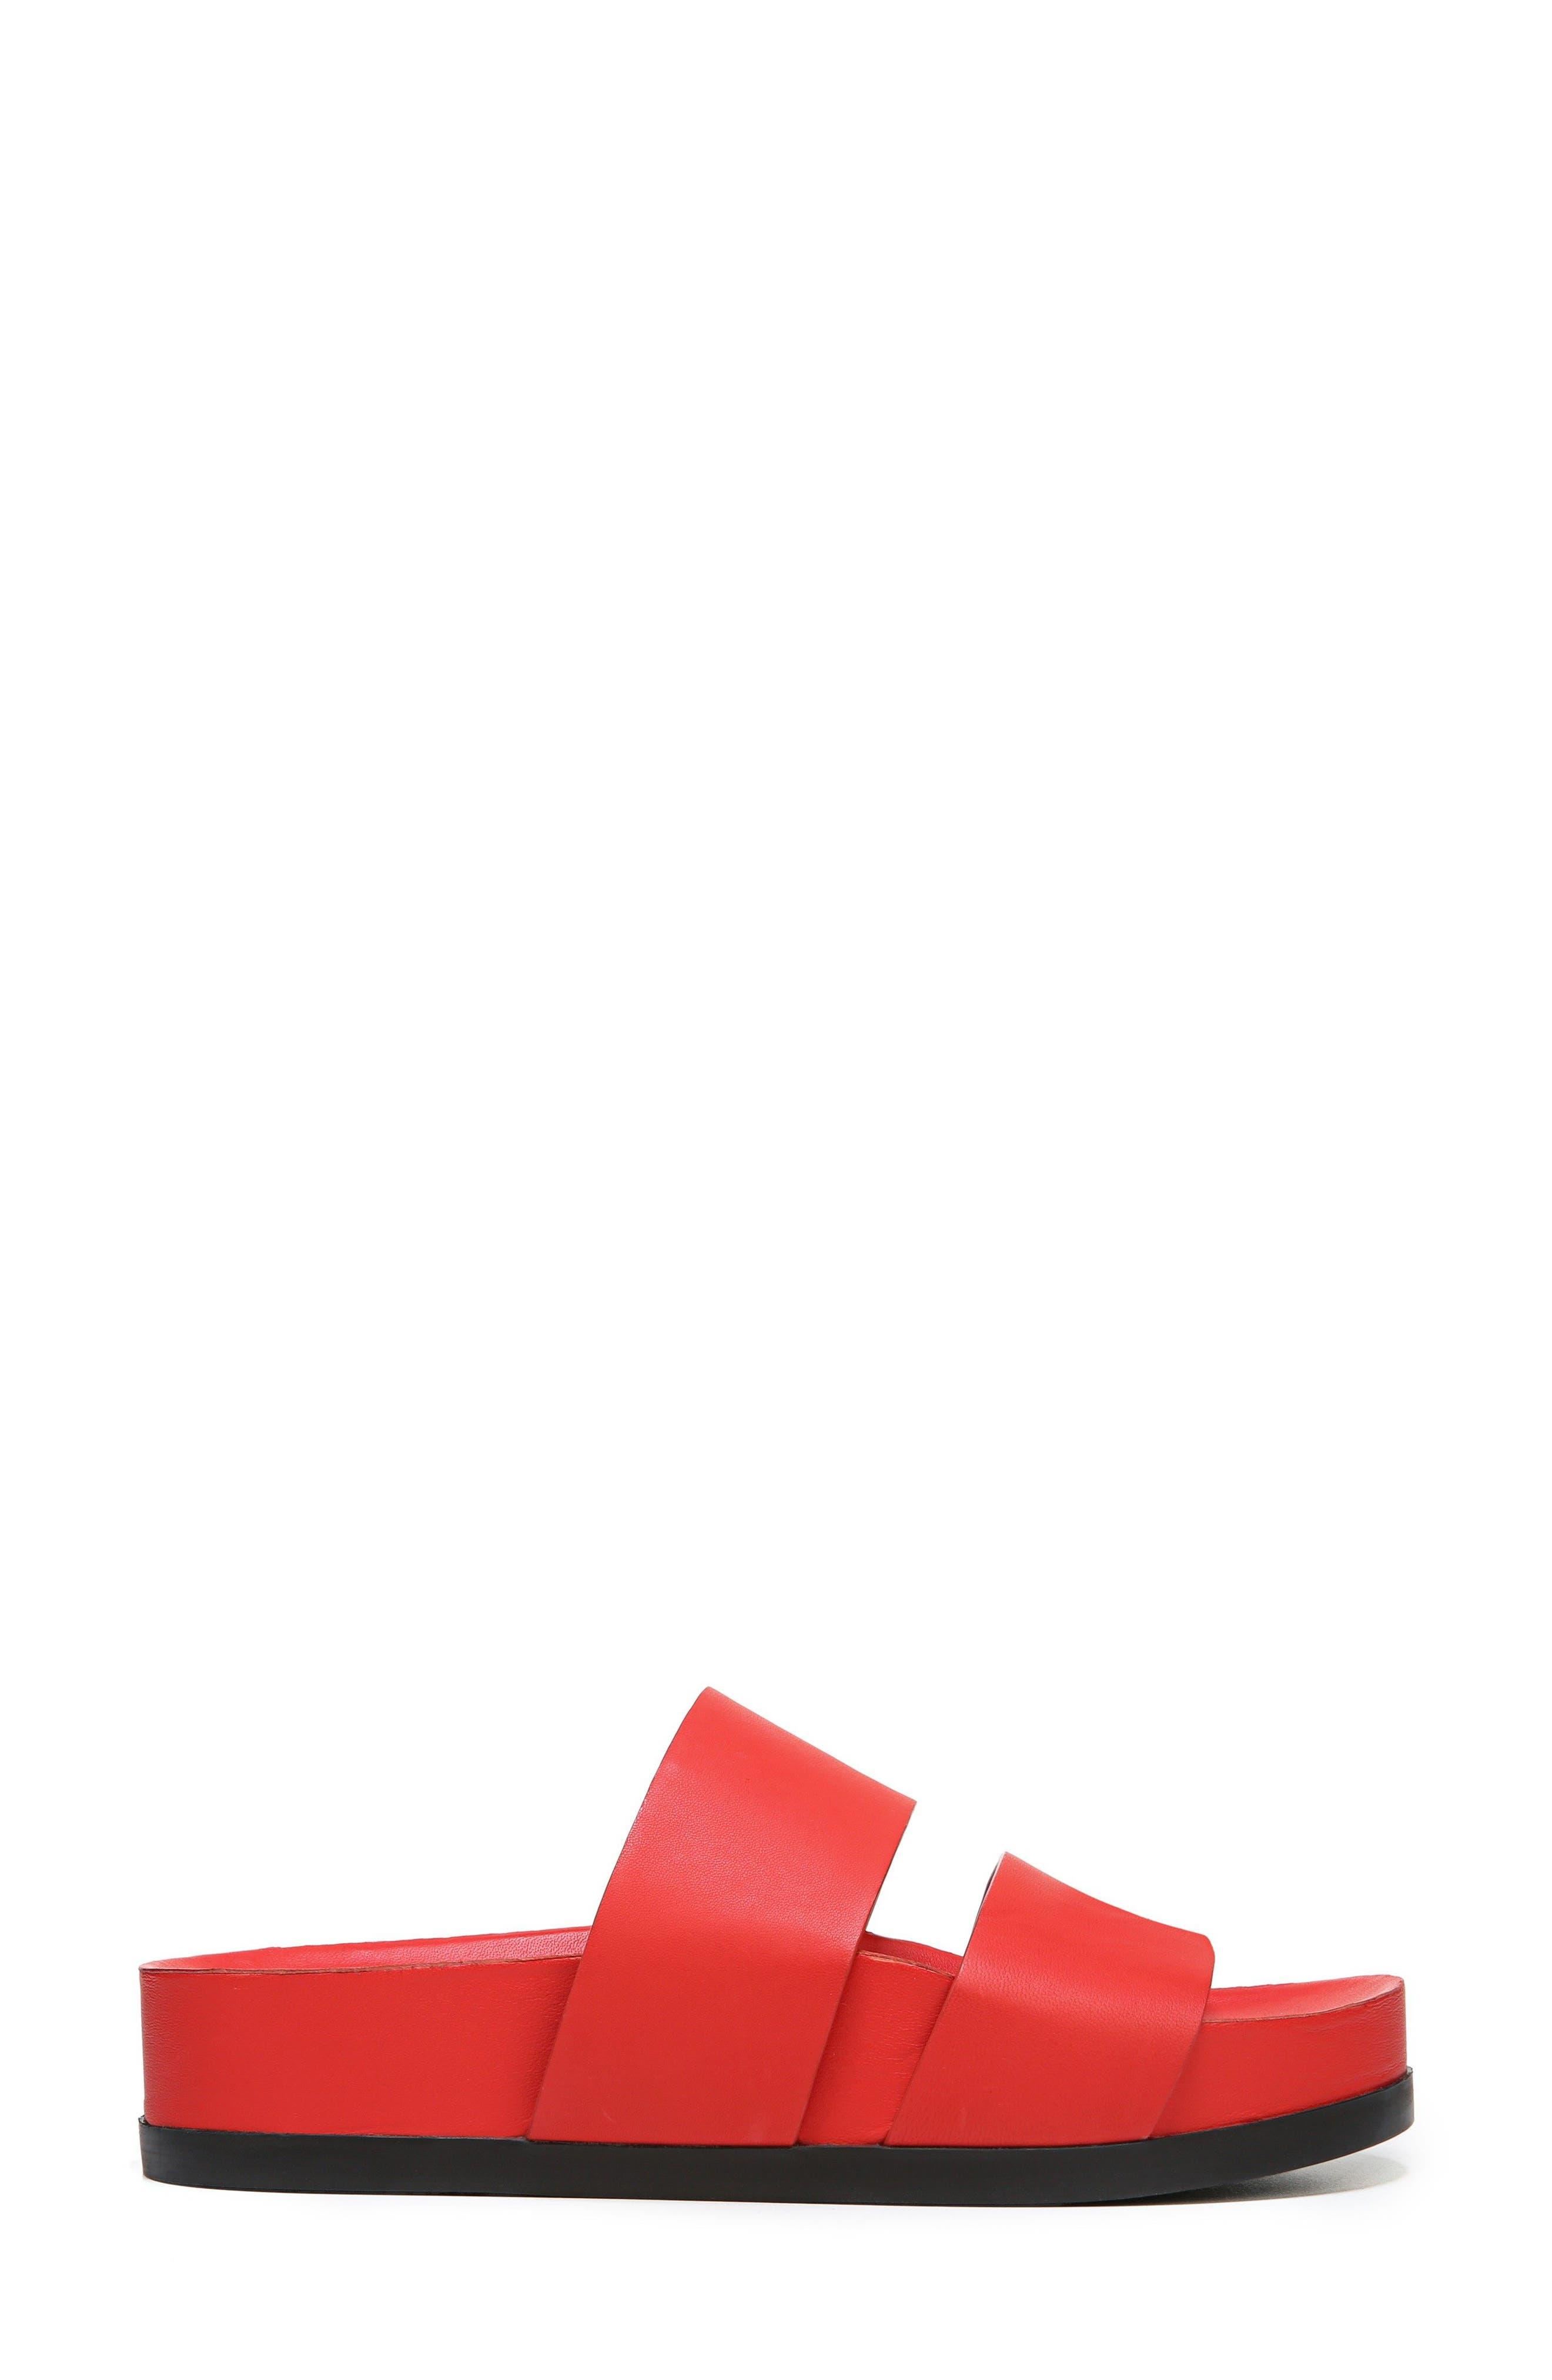 Milton Slide Sandal,                             Alternate thumbnail 3, color,                             Poppy Red Leather